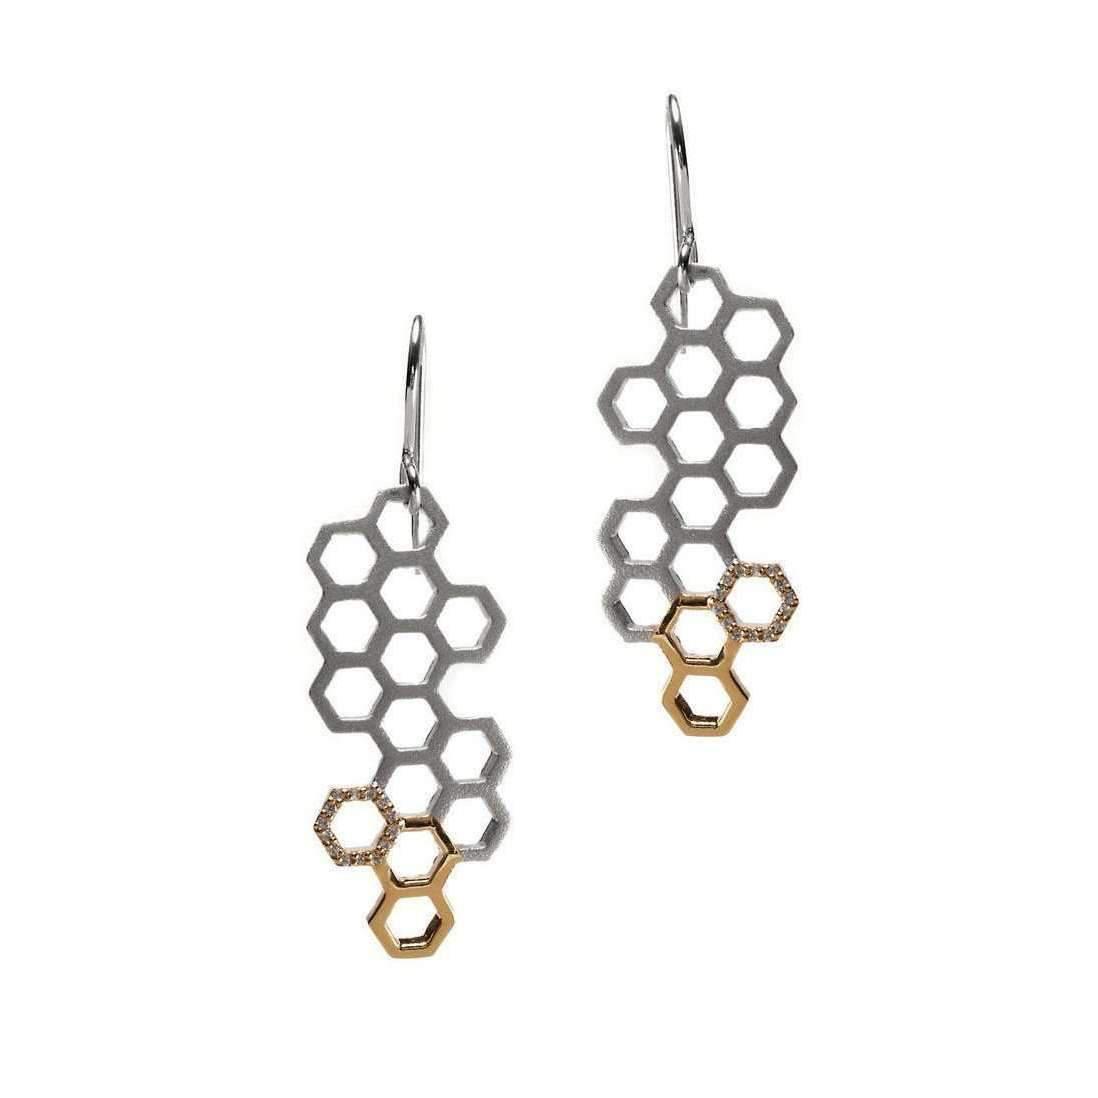 Gia Belloni Gold And Silver Aeon Earrings CwIsFSWO